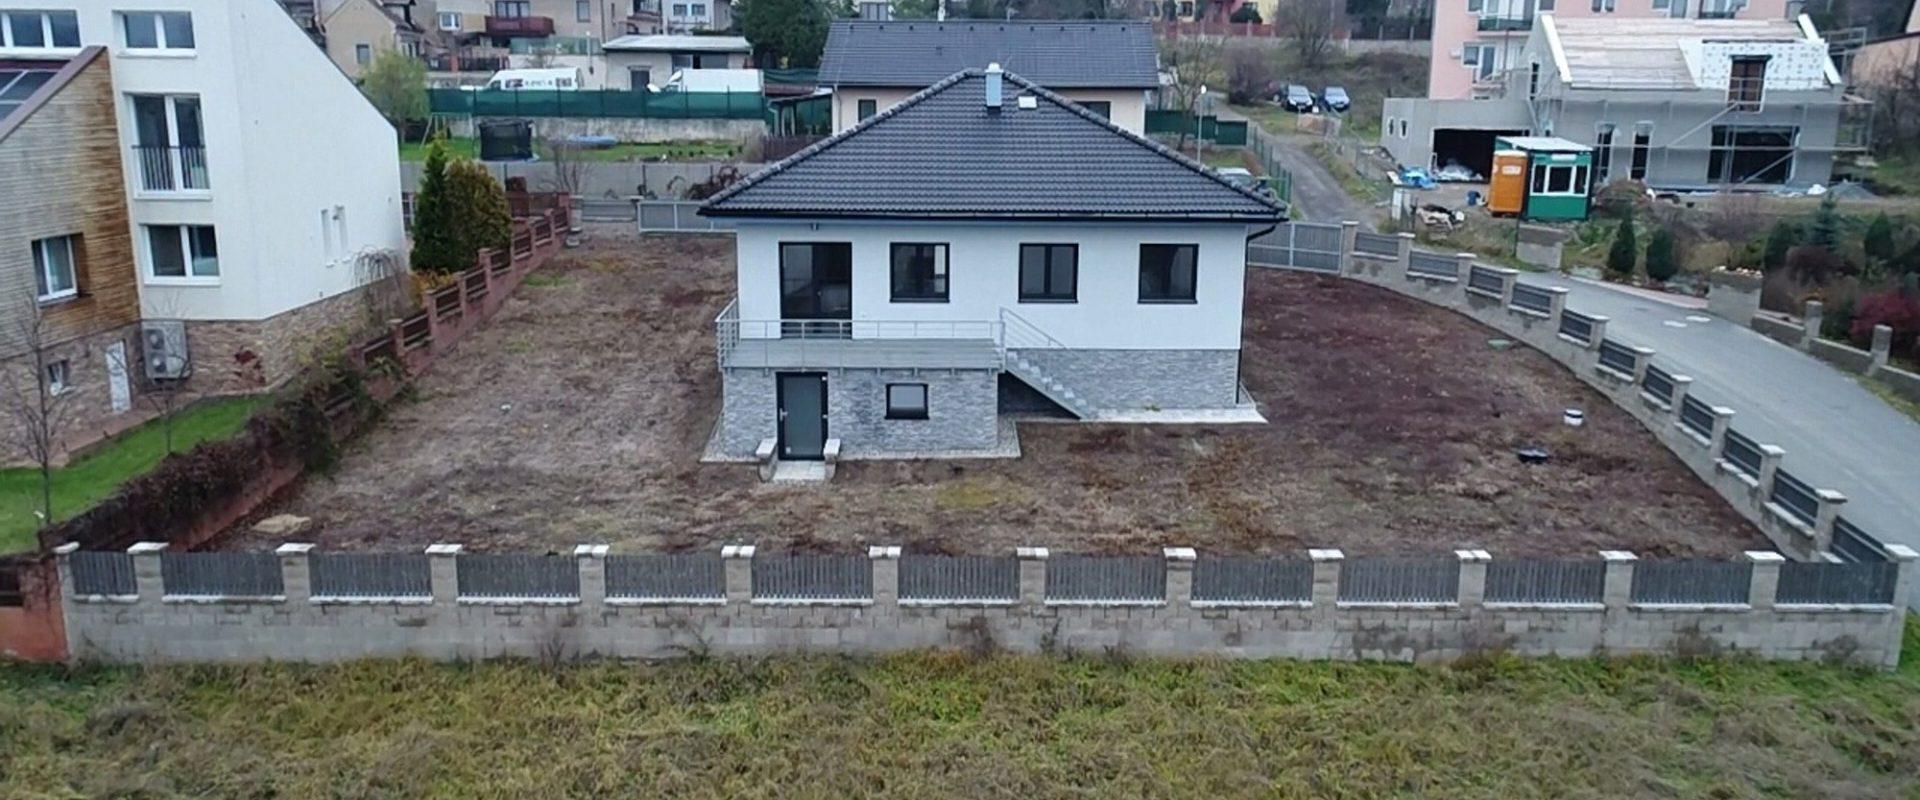 RD -Novostavba, Bungalov 4+1, 141 m2 na pozemku 901 m2, Klínec.